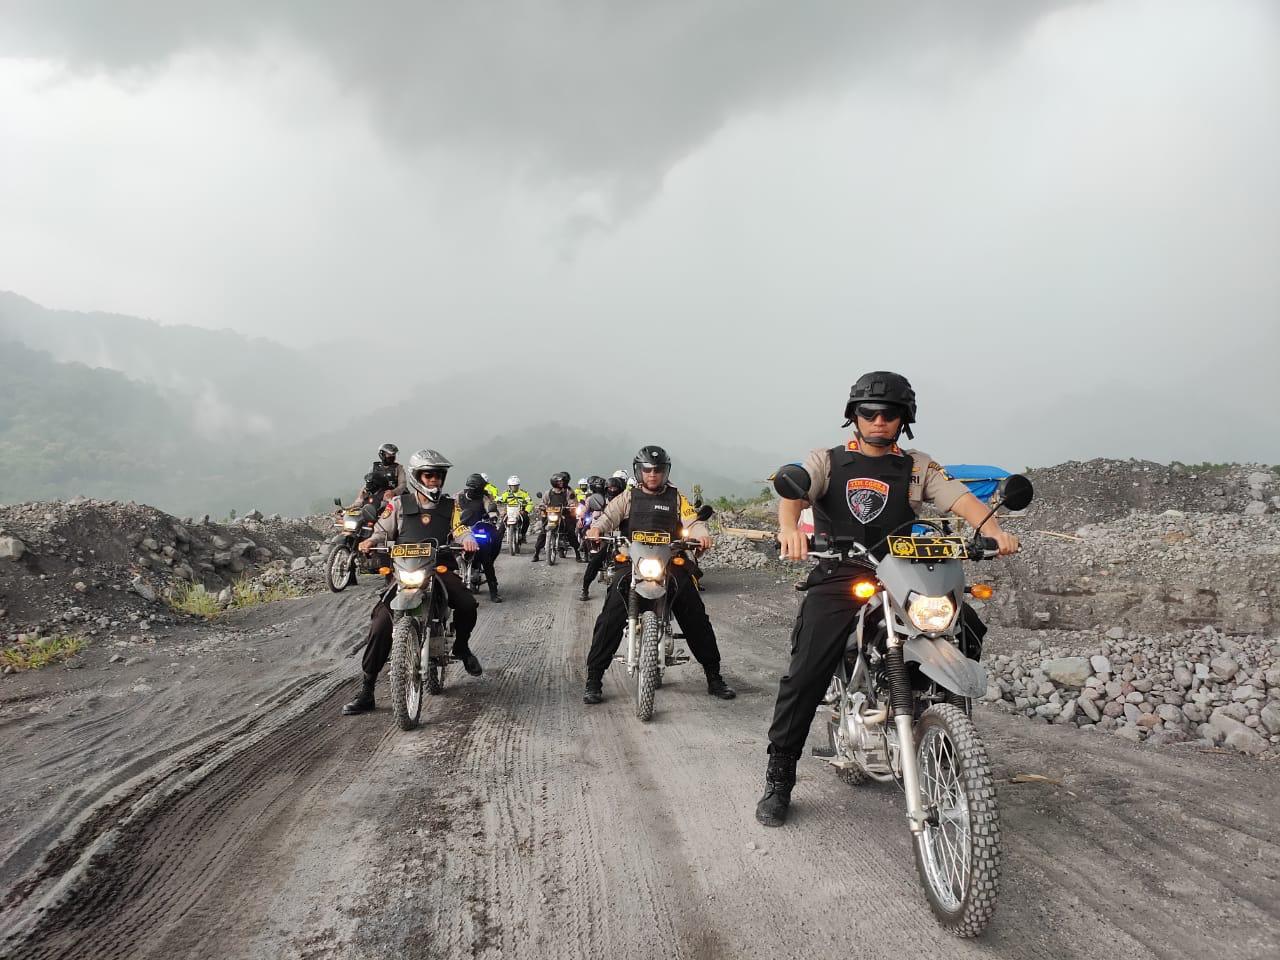 Pasca Bupati Tutup Jalan Desa Bagi Truk Tambang, Kapolres Pantau Jugosari -Jarit